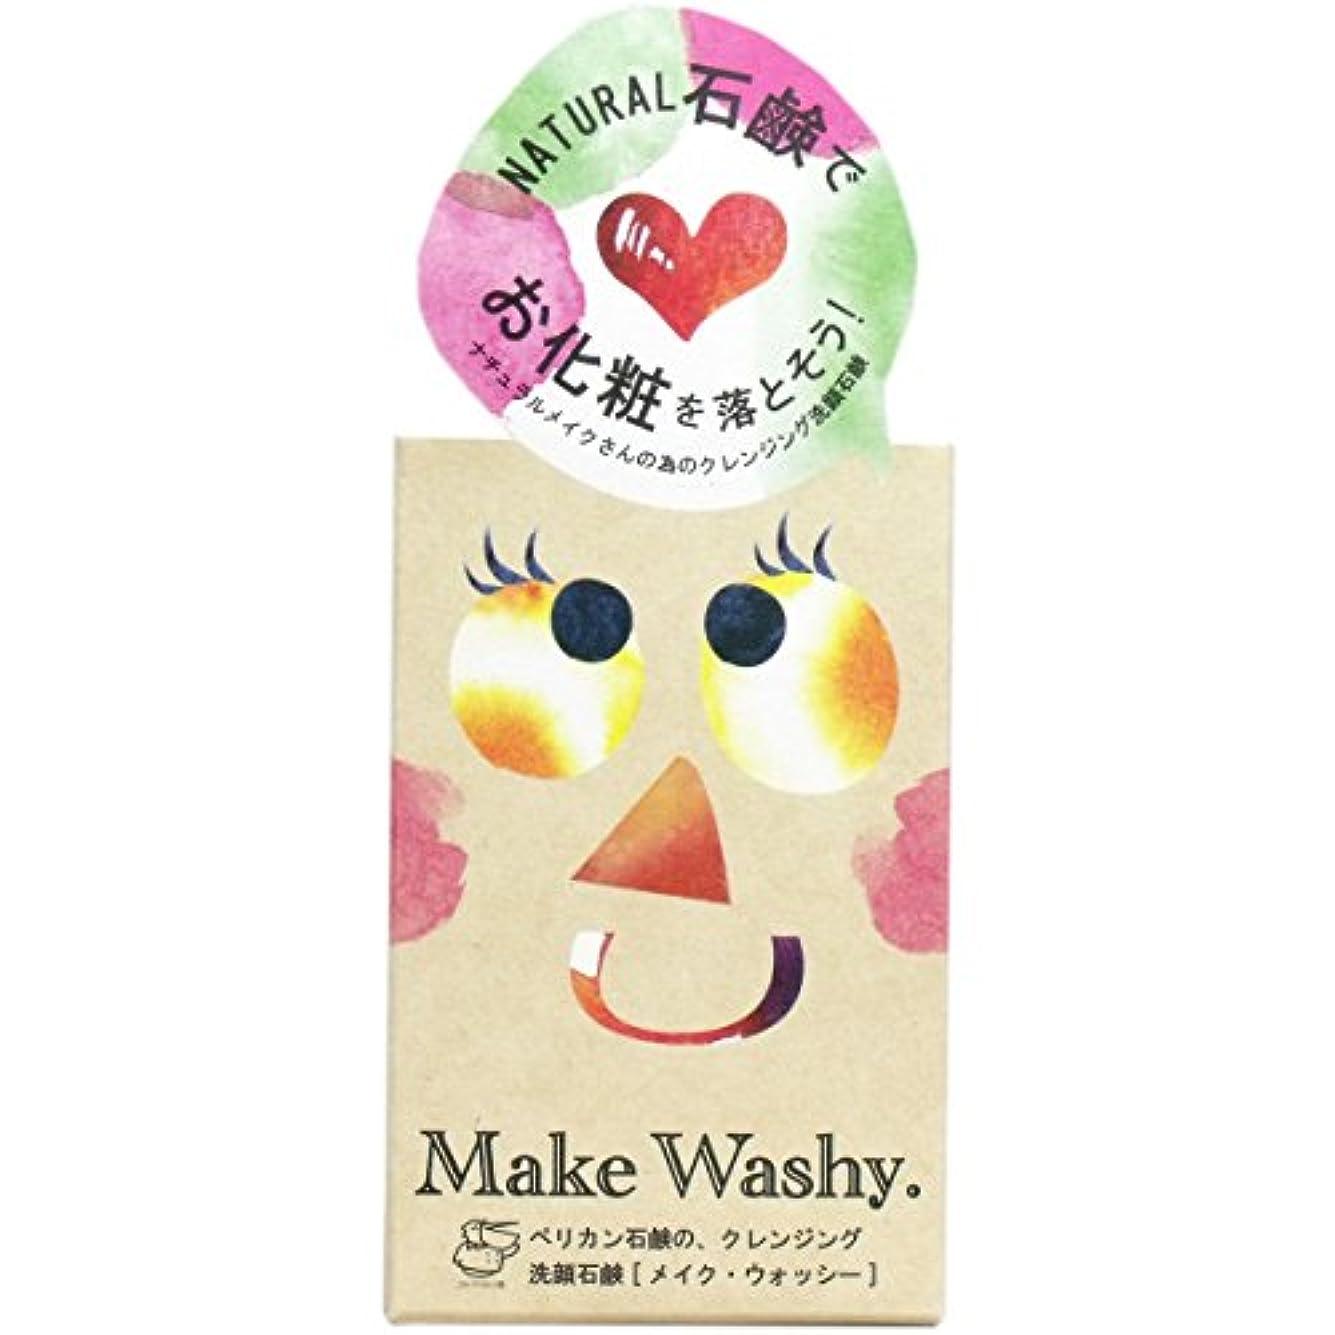 思慮深い毛皮背骨【まとめ買い】メイクウォッシー 洗顔石鹸【×2個】